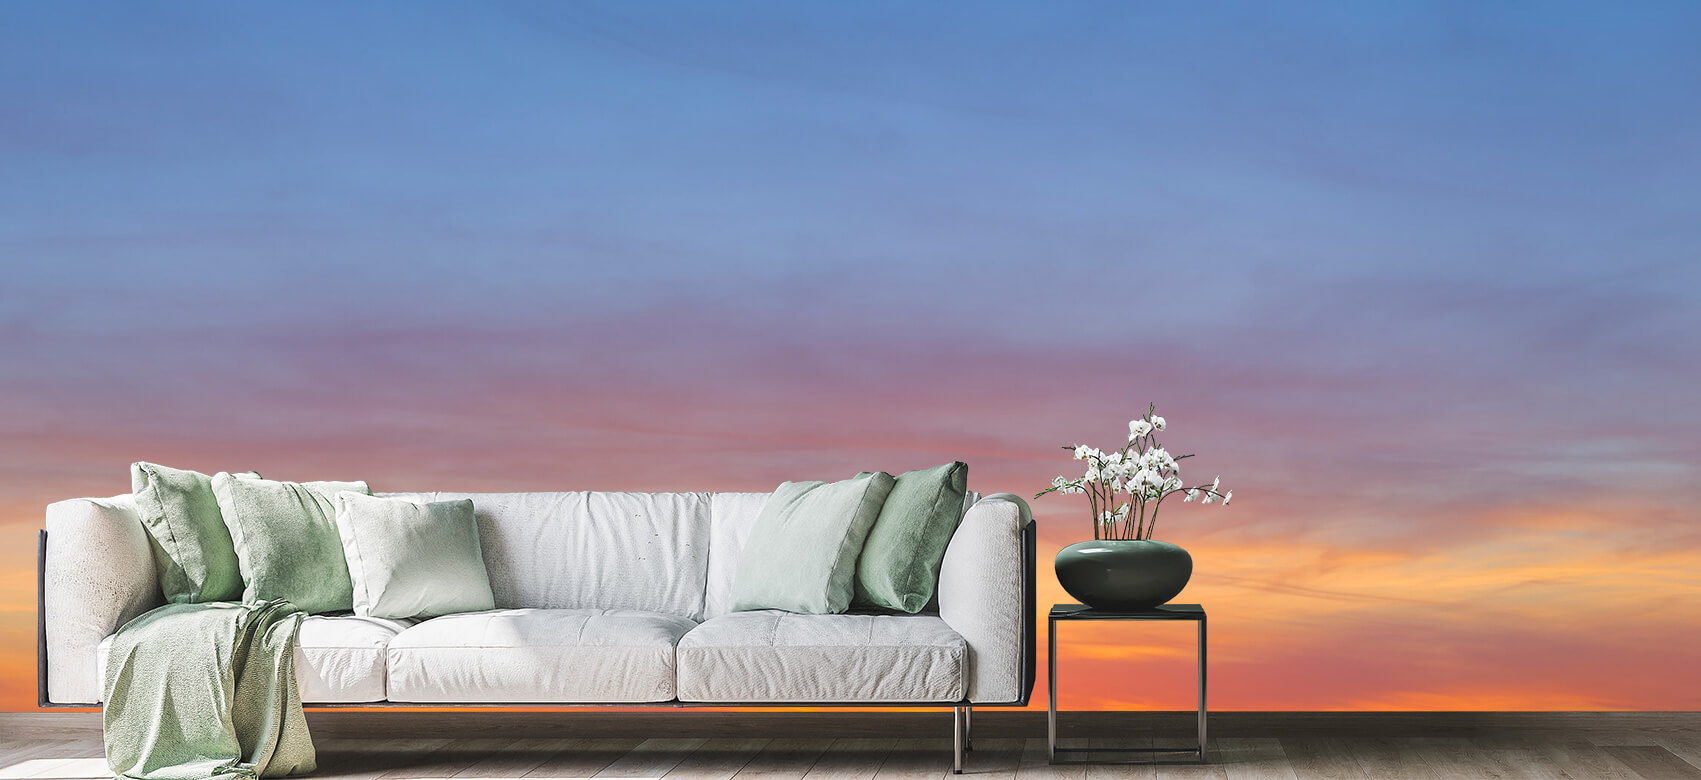 wallpaper Kleurrijke lucht 4